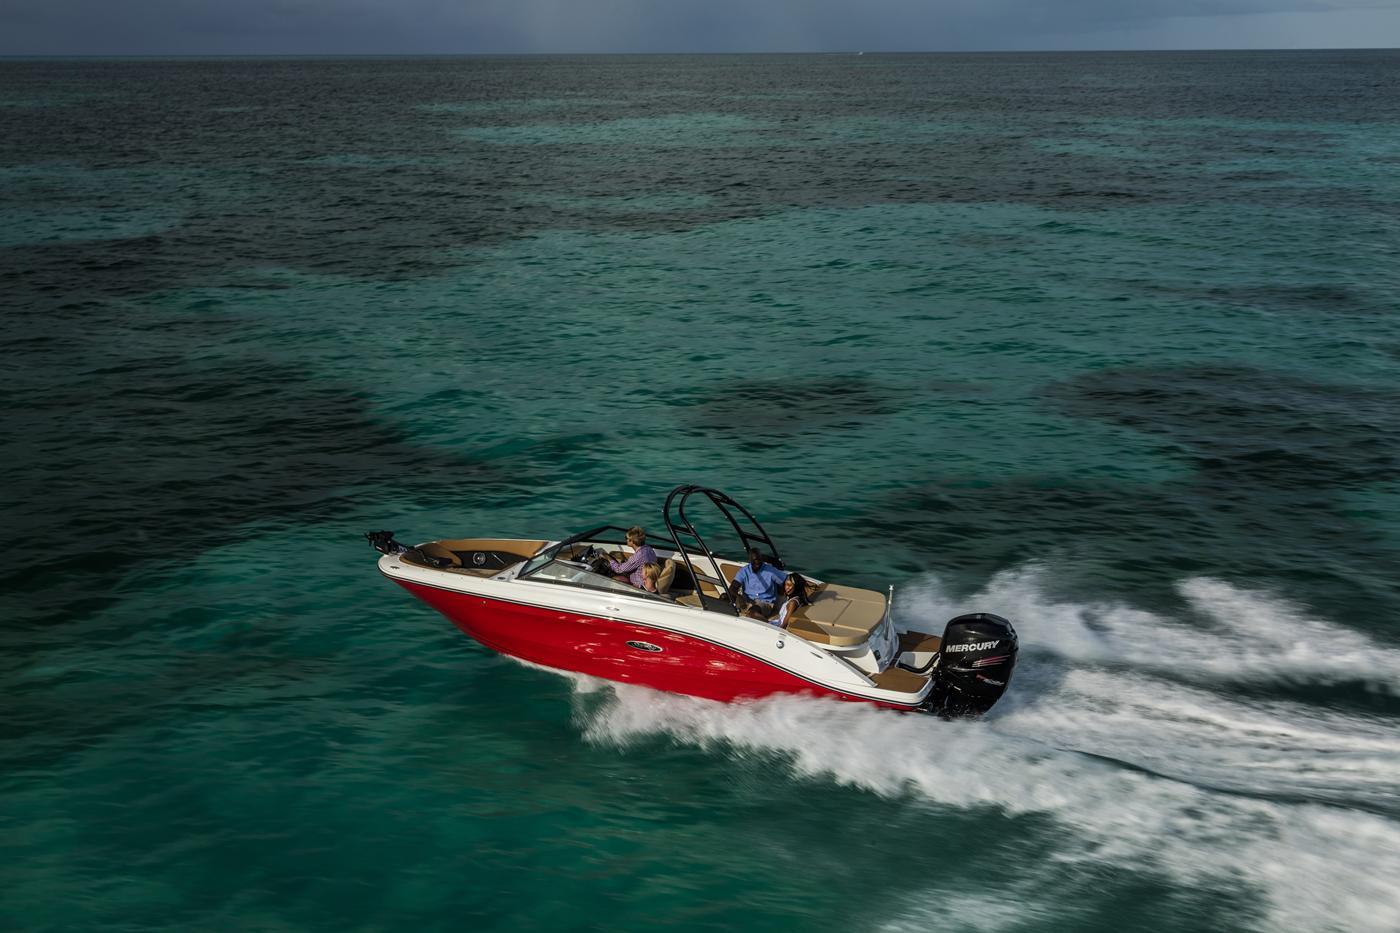 New 2019 Sea Ray 23 SPXO - Hutchinson's Boat Works